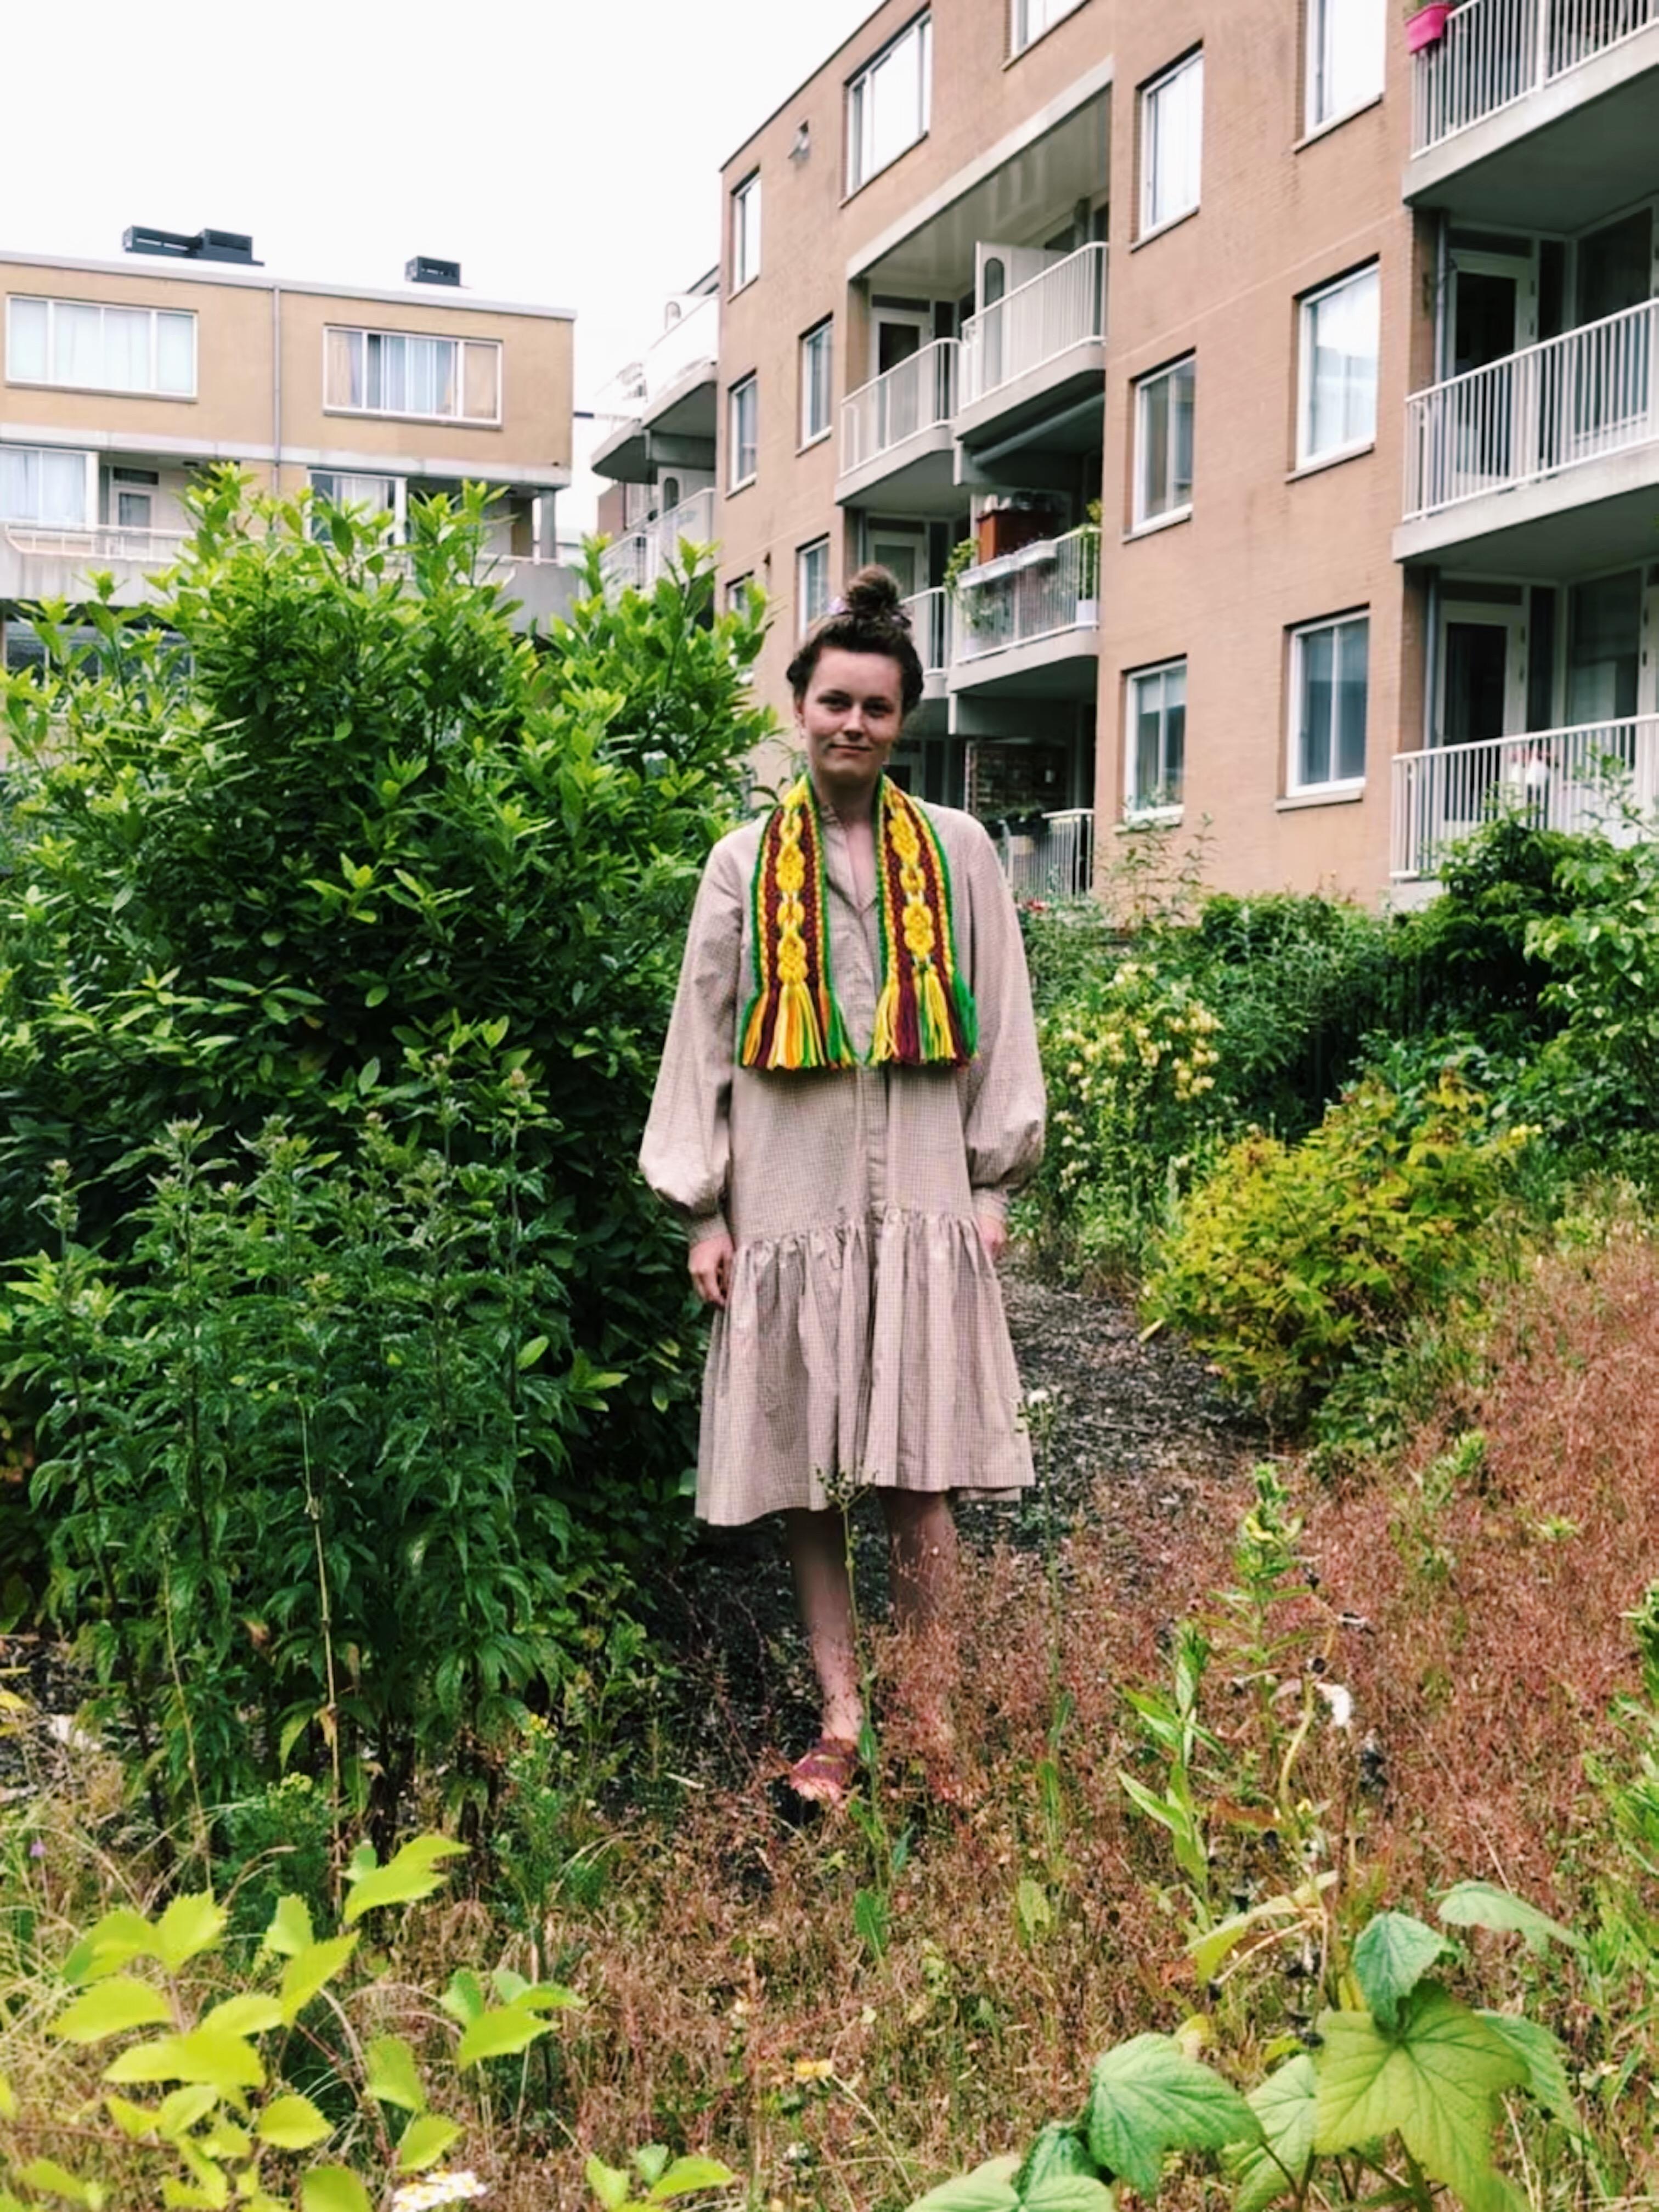 Volendammer dasje Loret Karman